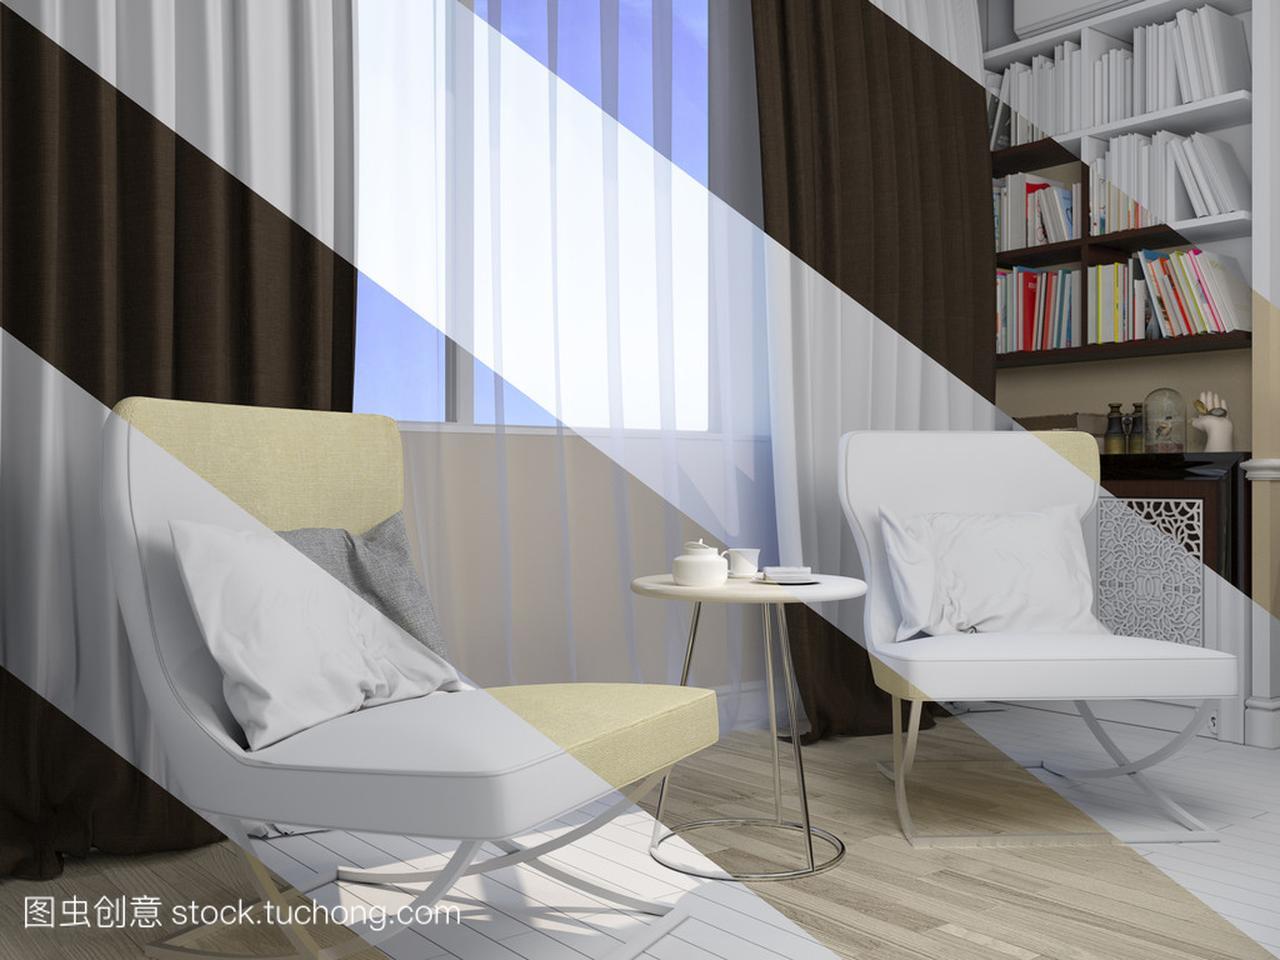 手册室内设计的风格,现代模板的3d渲染vi经典客厅全套v手册案例图片